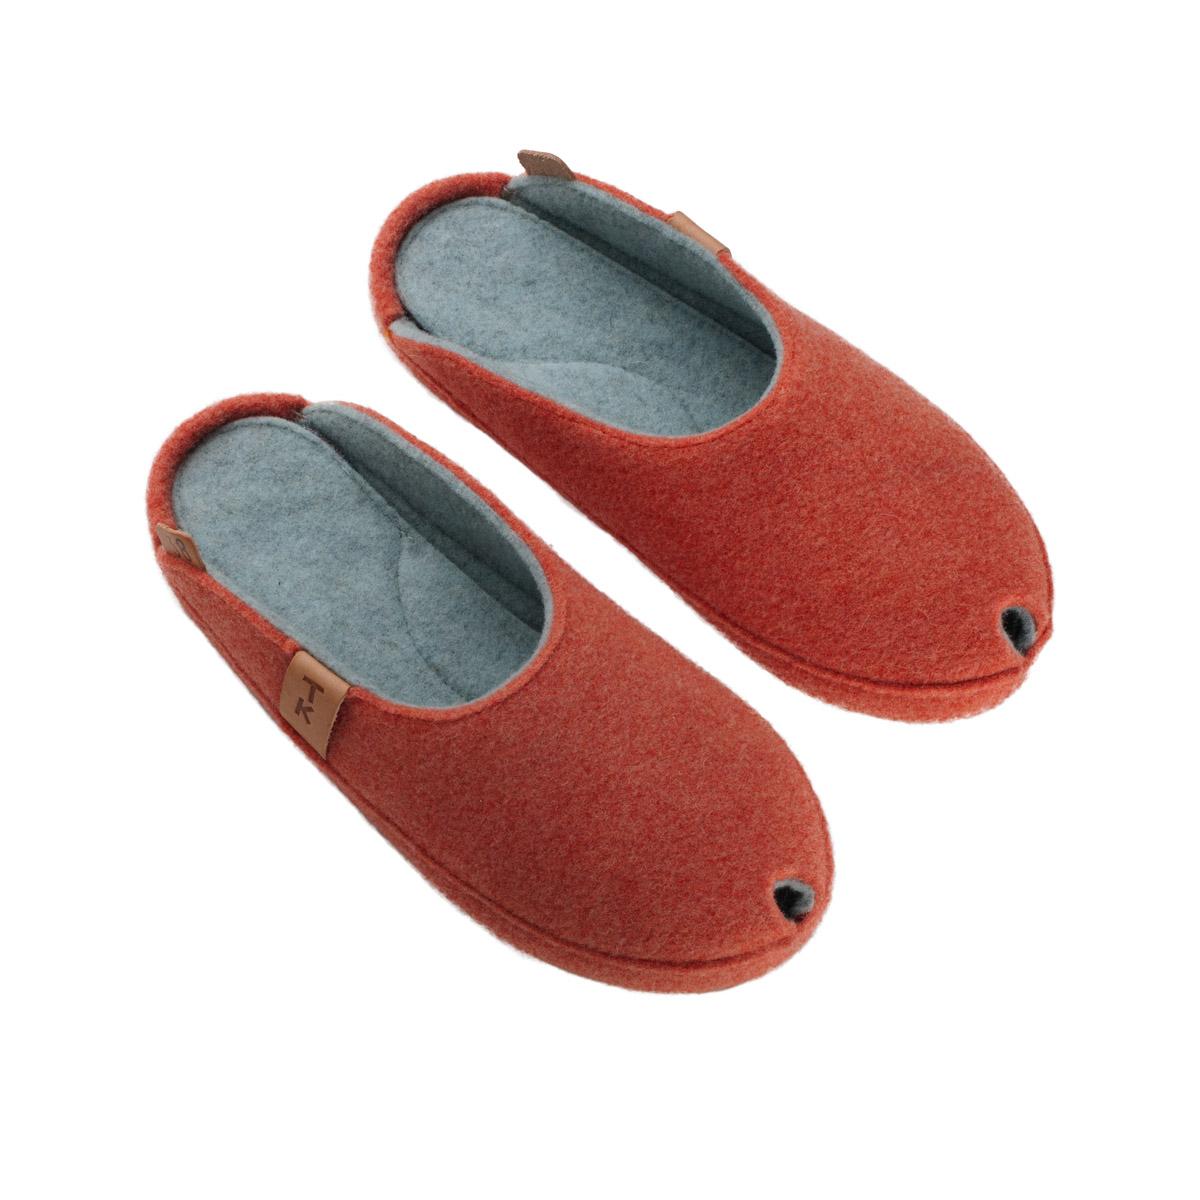 Handmade shoes mine metsa